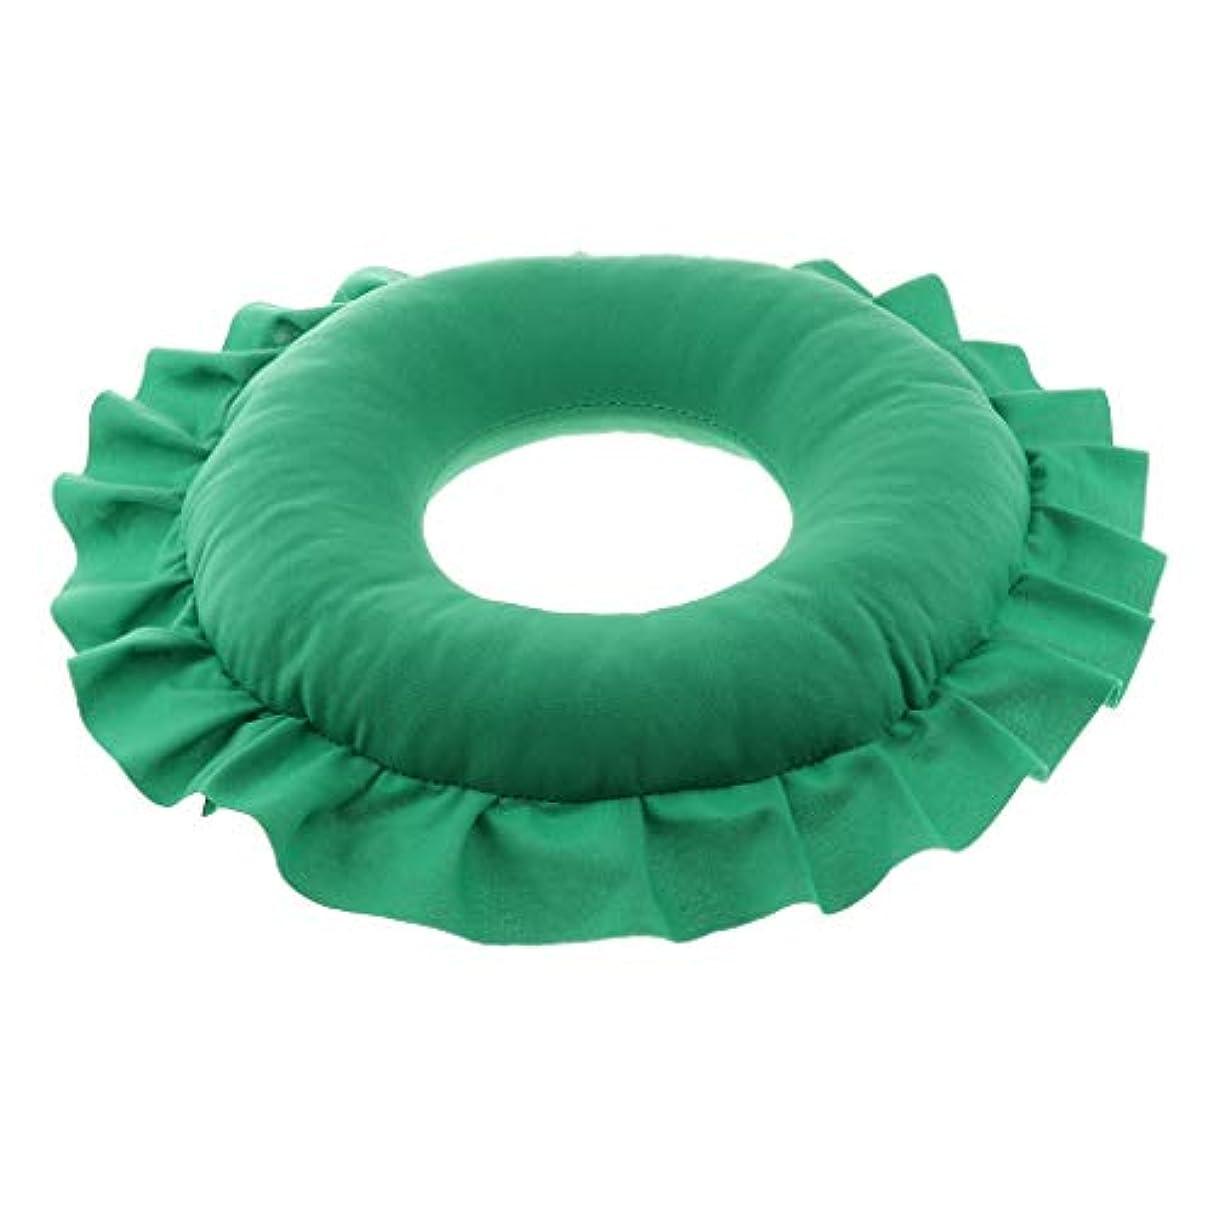 CUTICATE 全4色 洗えるピロー フェイスピロー 顔枕 マッサージベッド 美容院 ソフト 軽量 快適 - 緑